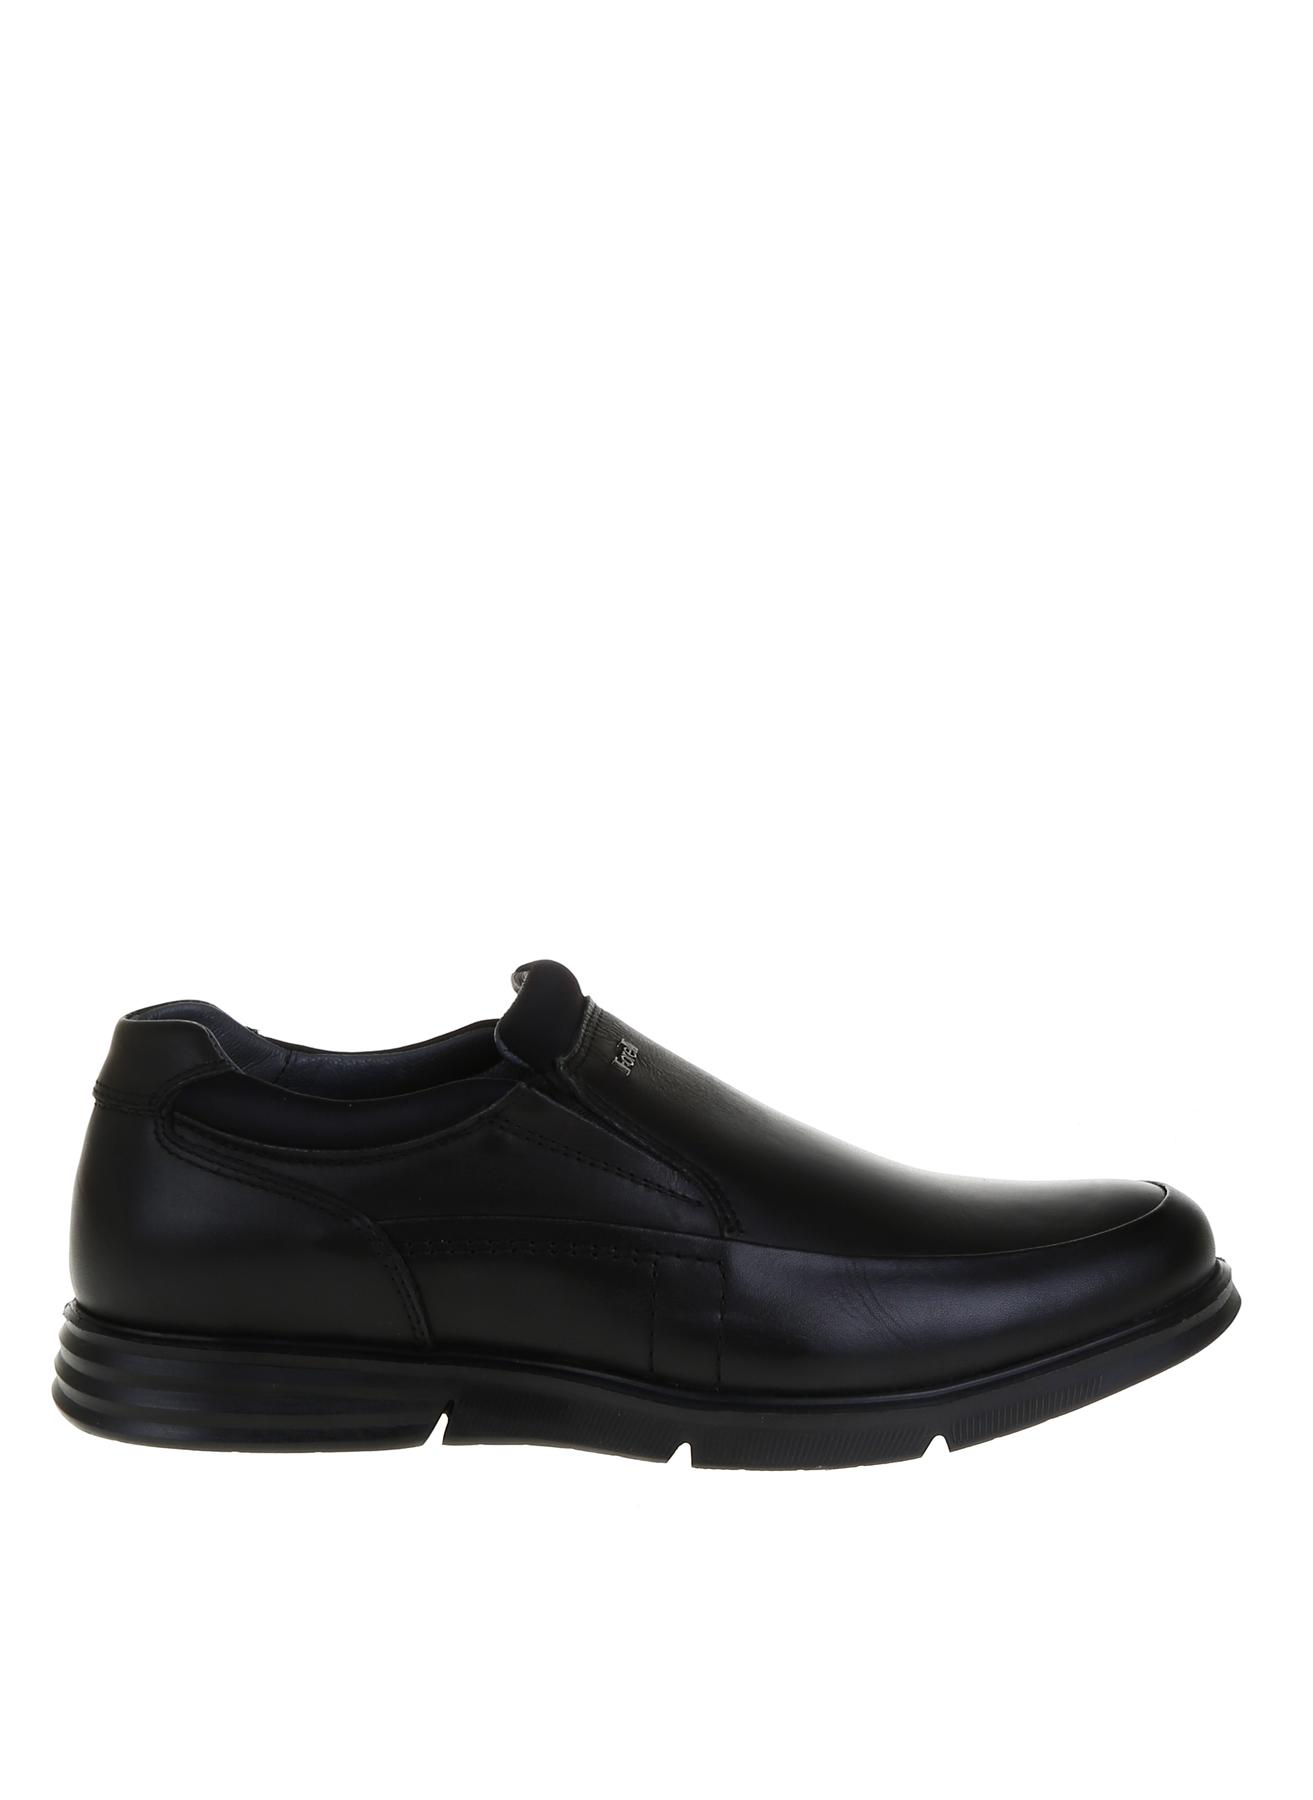 Forelli Klasik Ayakkabı 40 5001922230001 Ürün Resmi